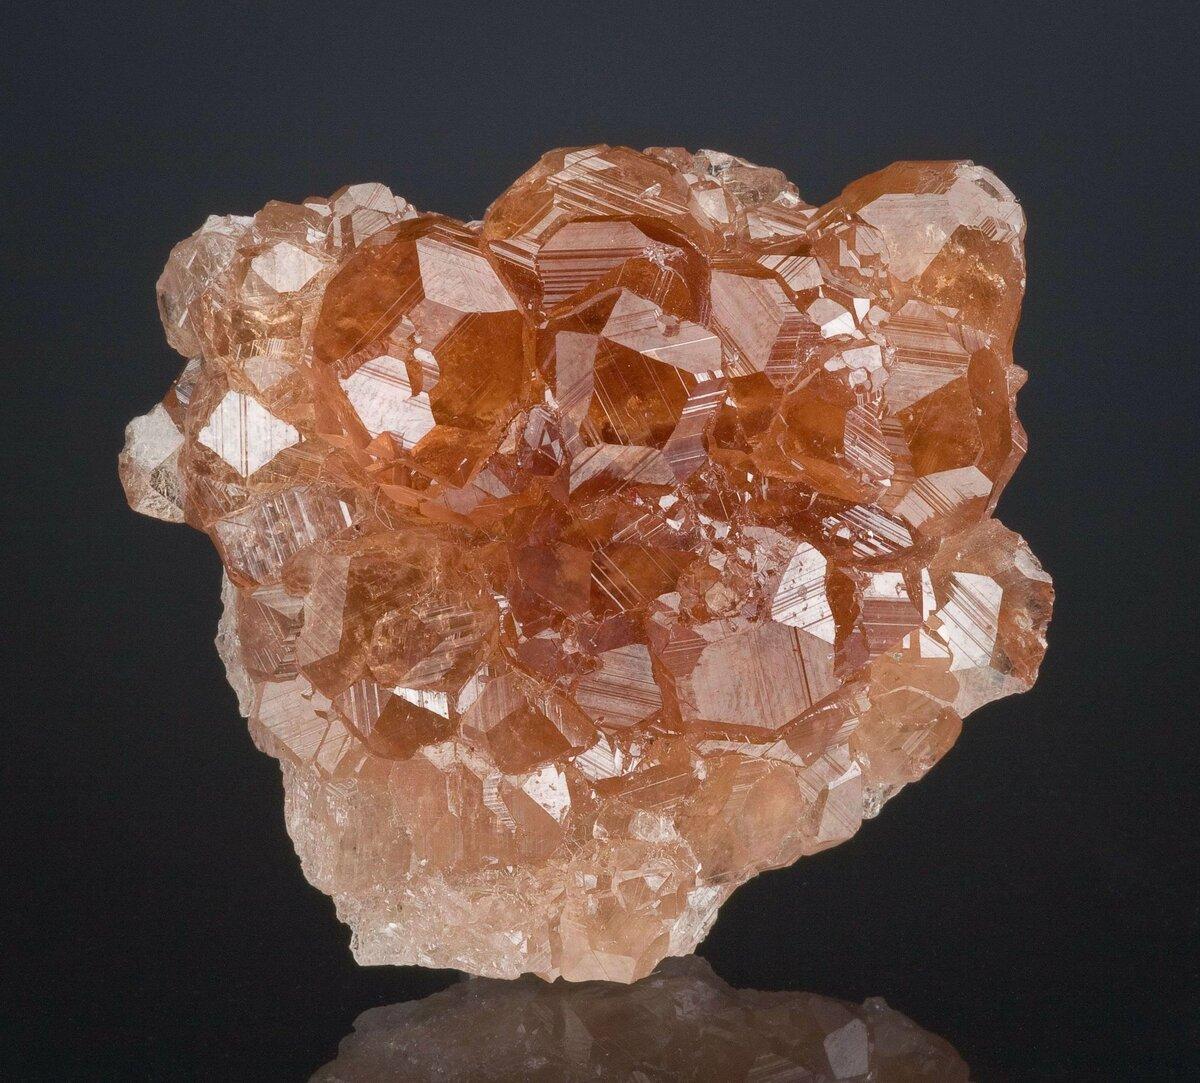 Что такое минералы и горные породы?